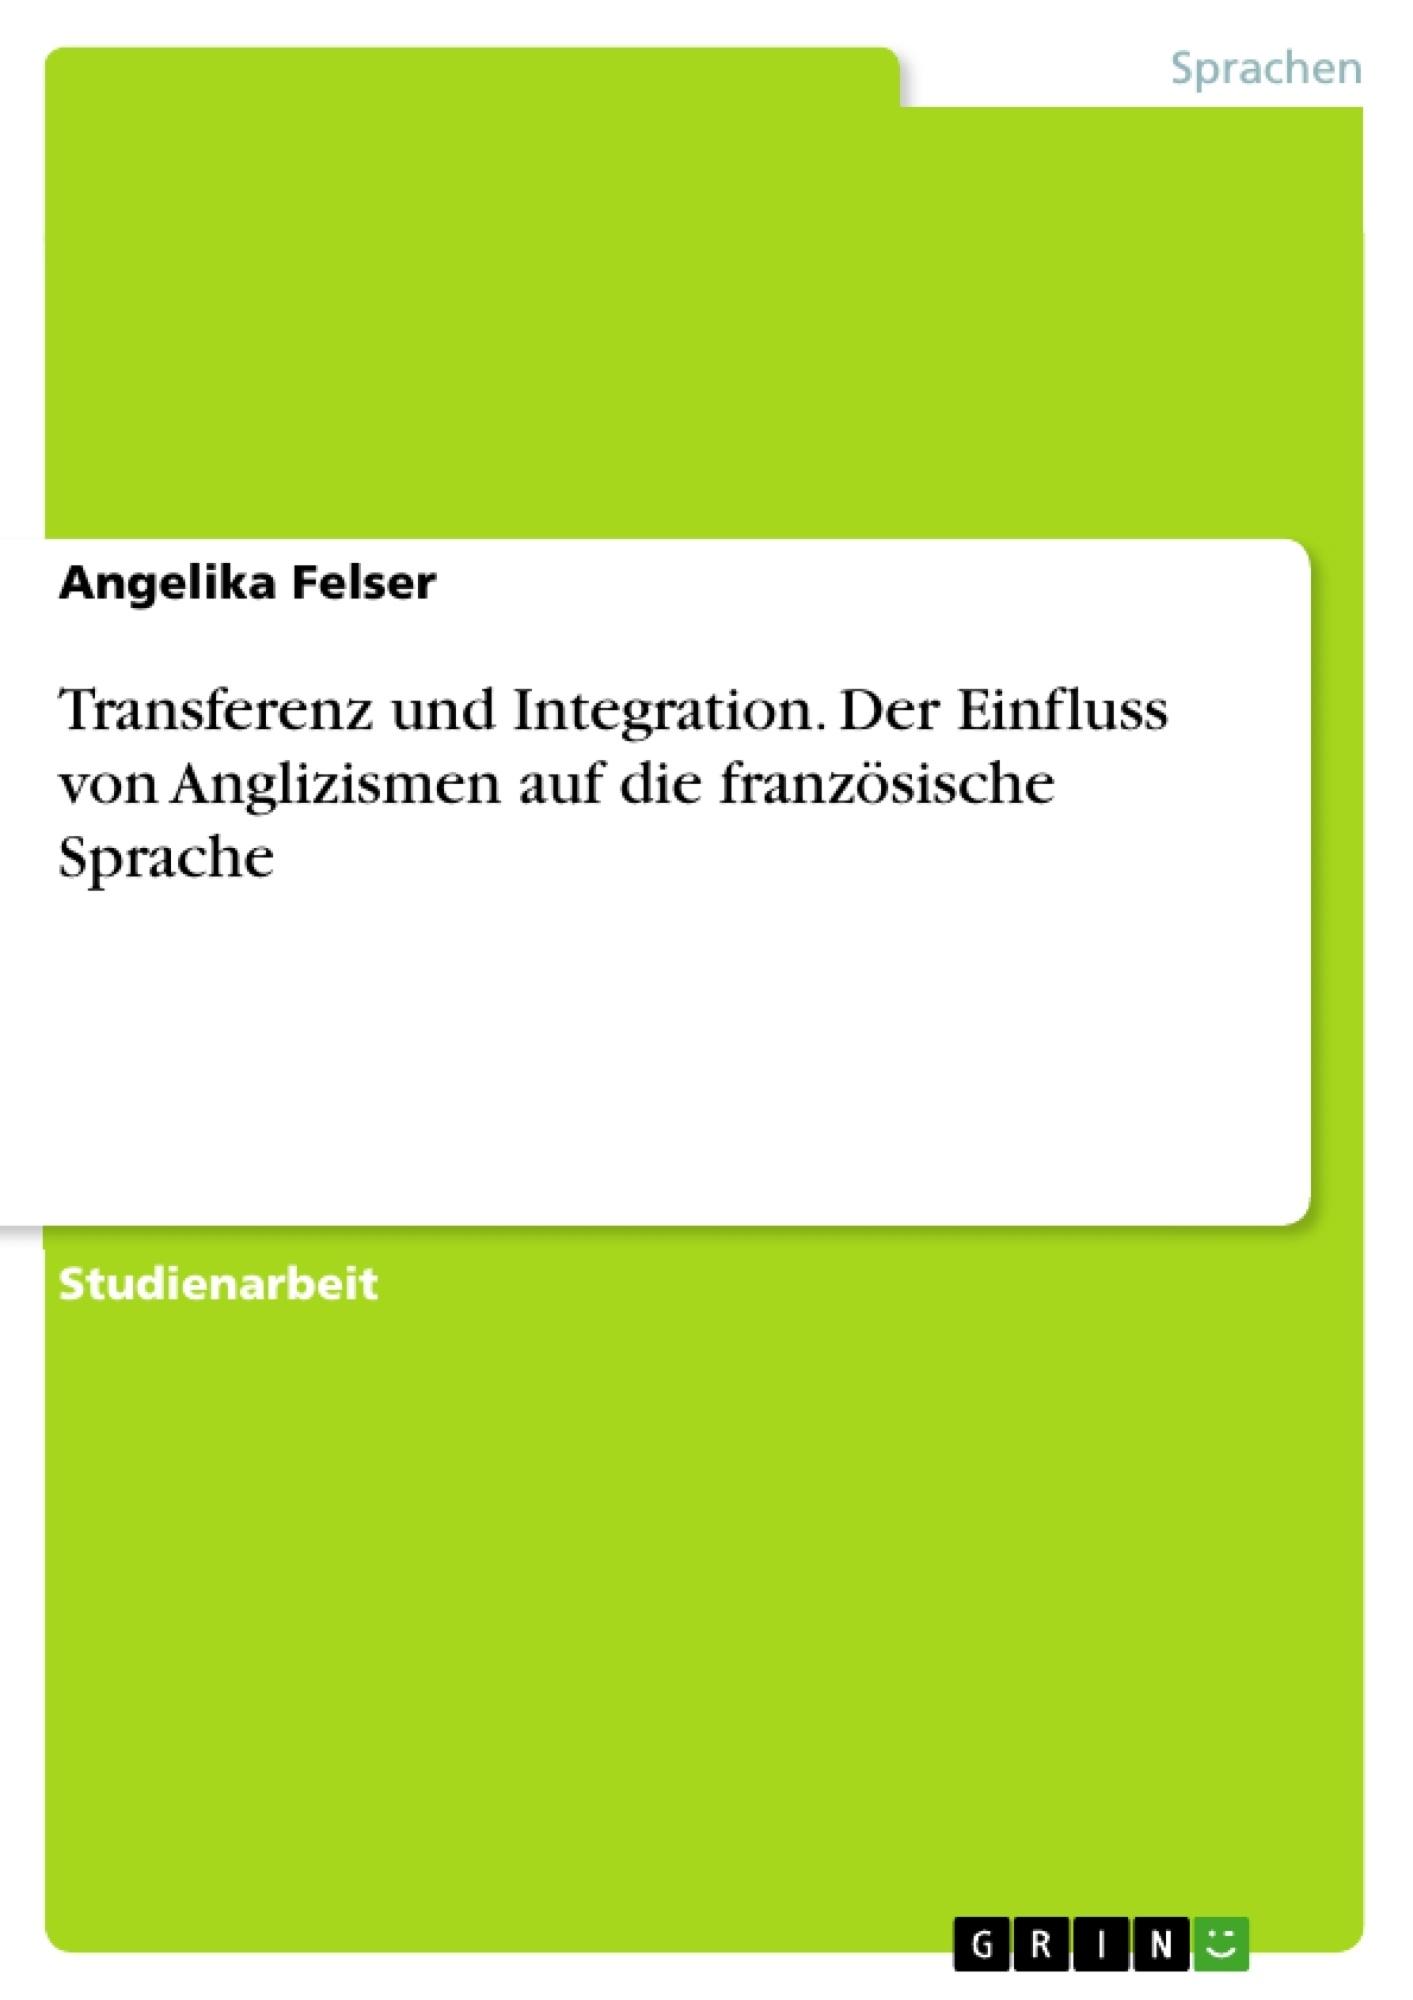 Titel: Transferenz und Integration. Der Einfluss von Anglizismen auf die französische Sprache